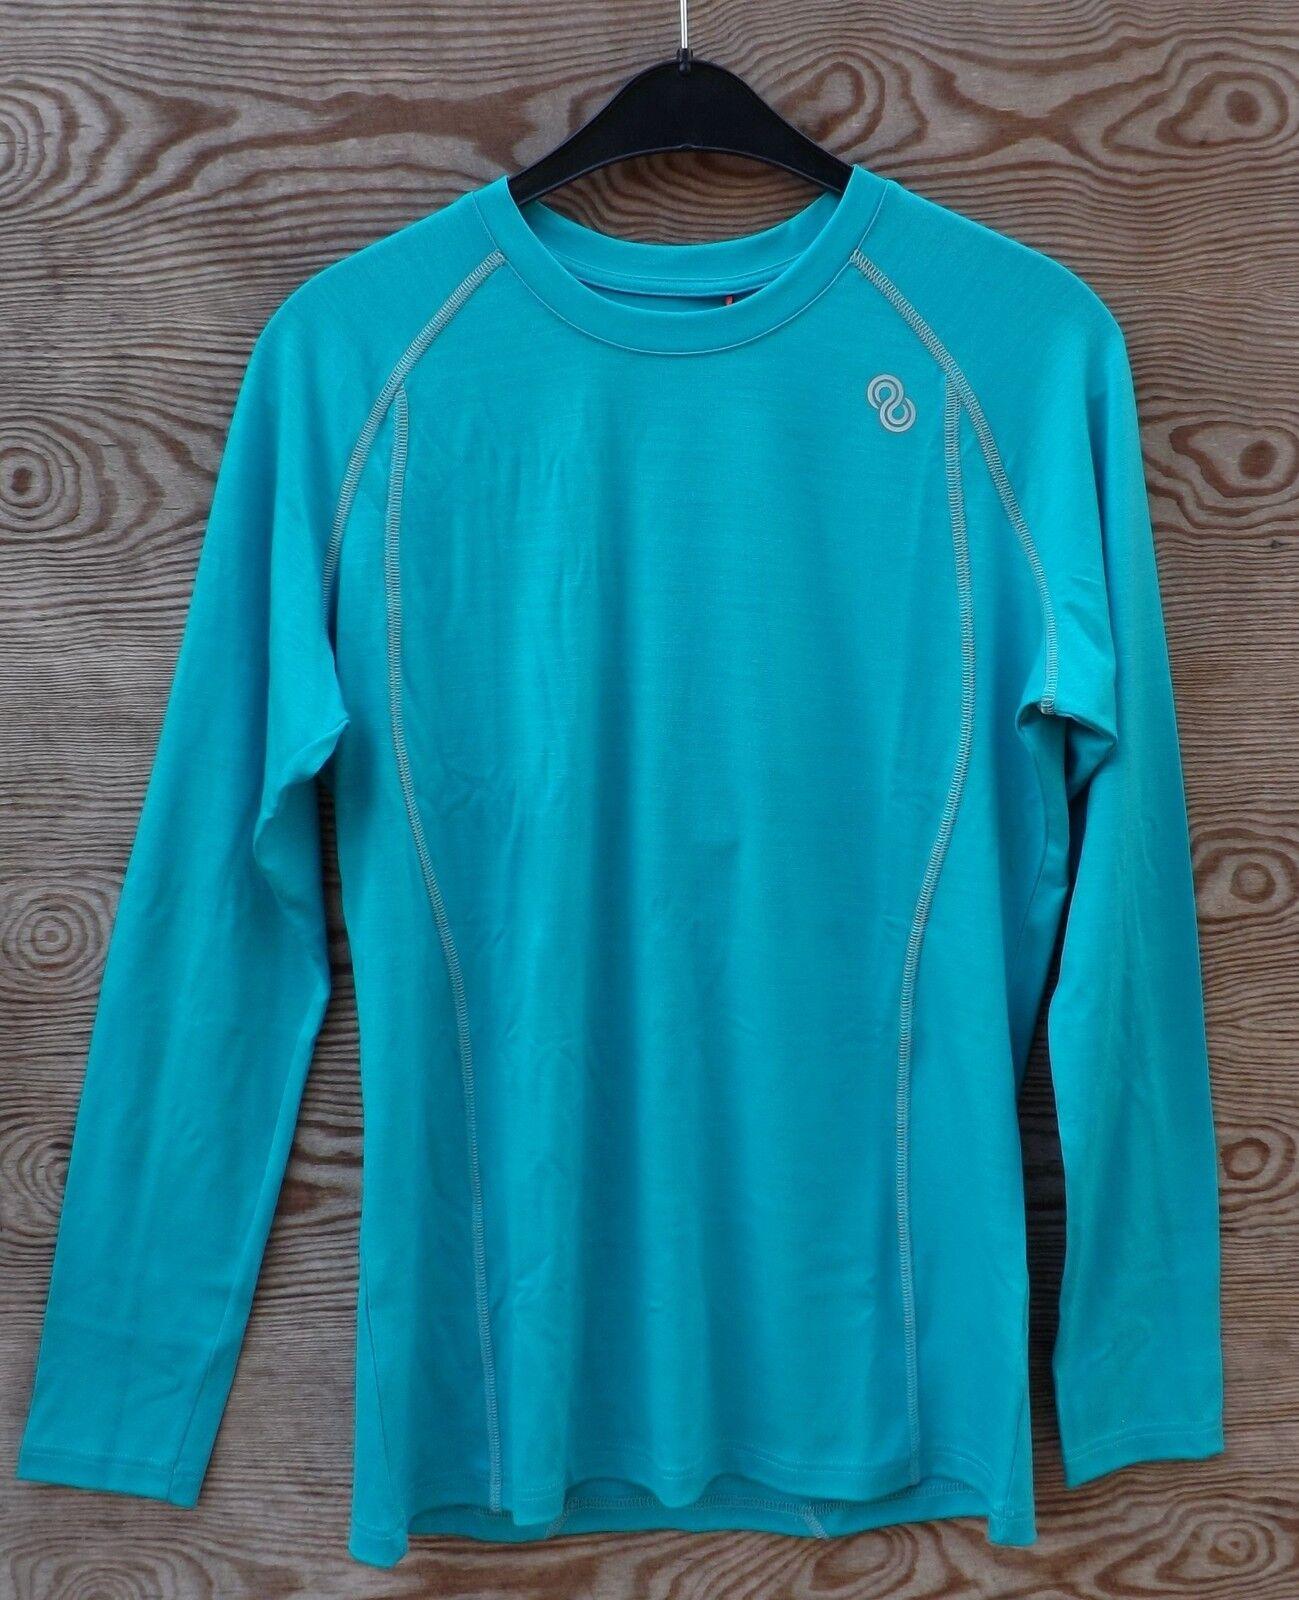 rotA Rewoolution Wiki - Woherren T-Shirt LS 190 Unterwäsche Merinowolle fjord